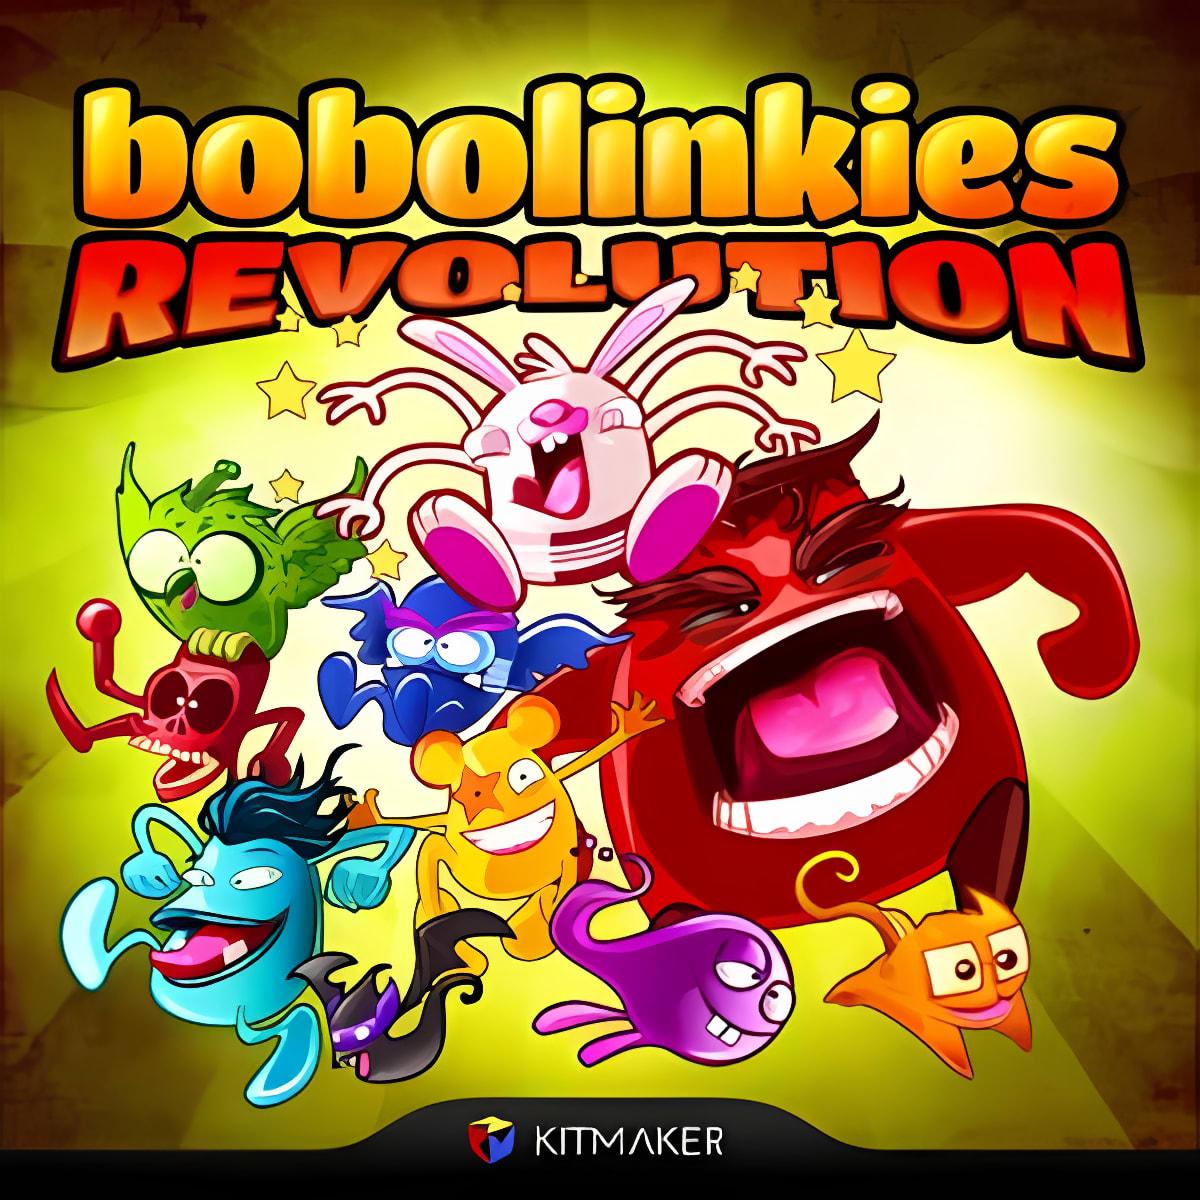 Bobolinkies Revolution